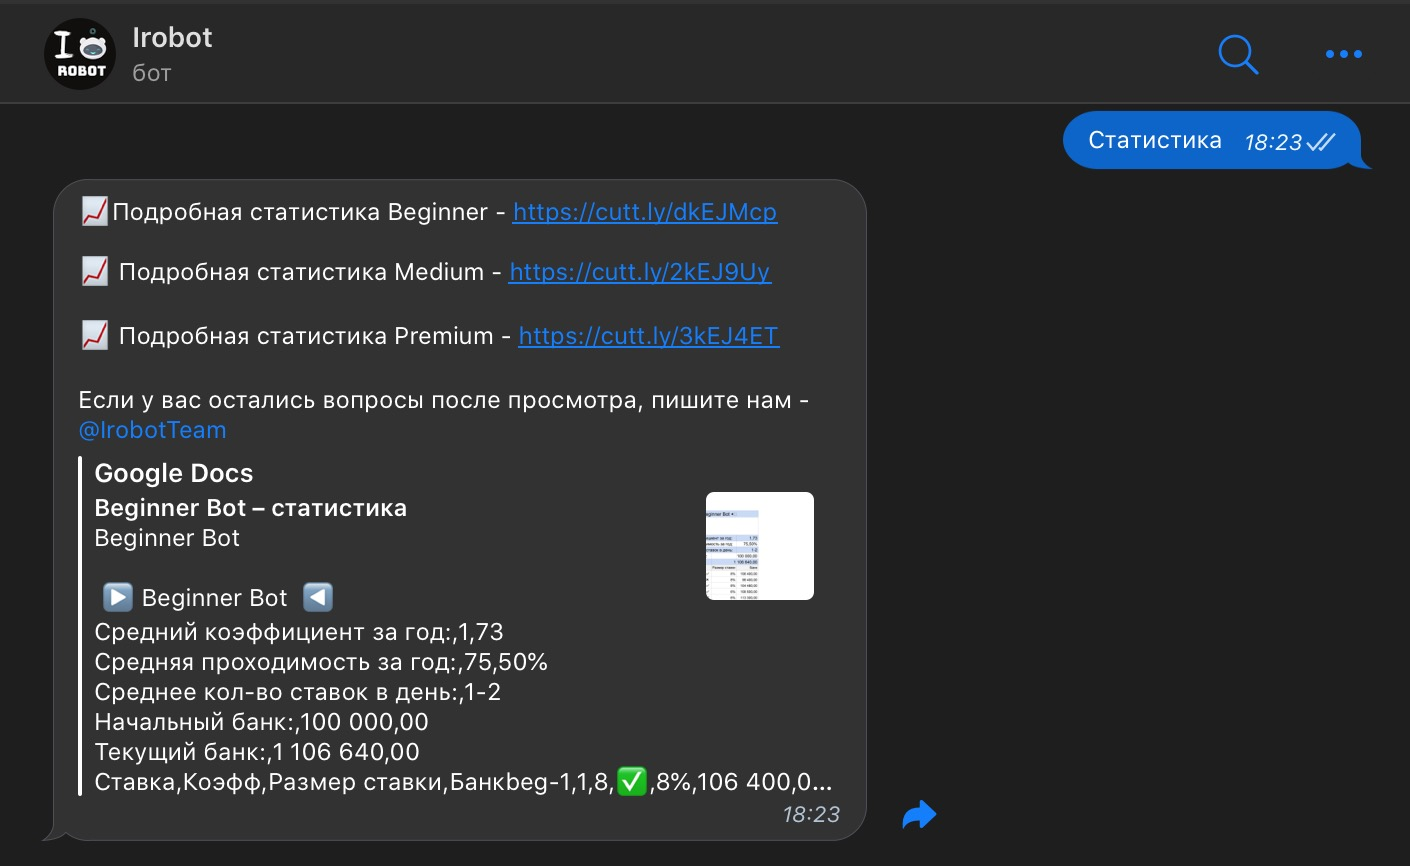 Статистики ботов Айробот